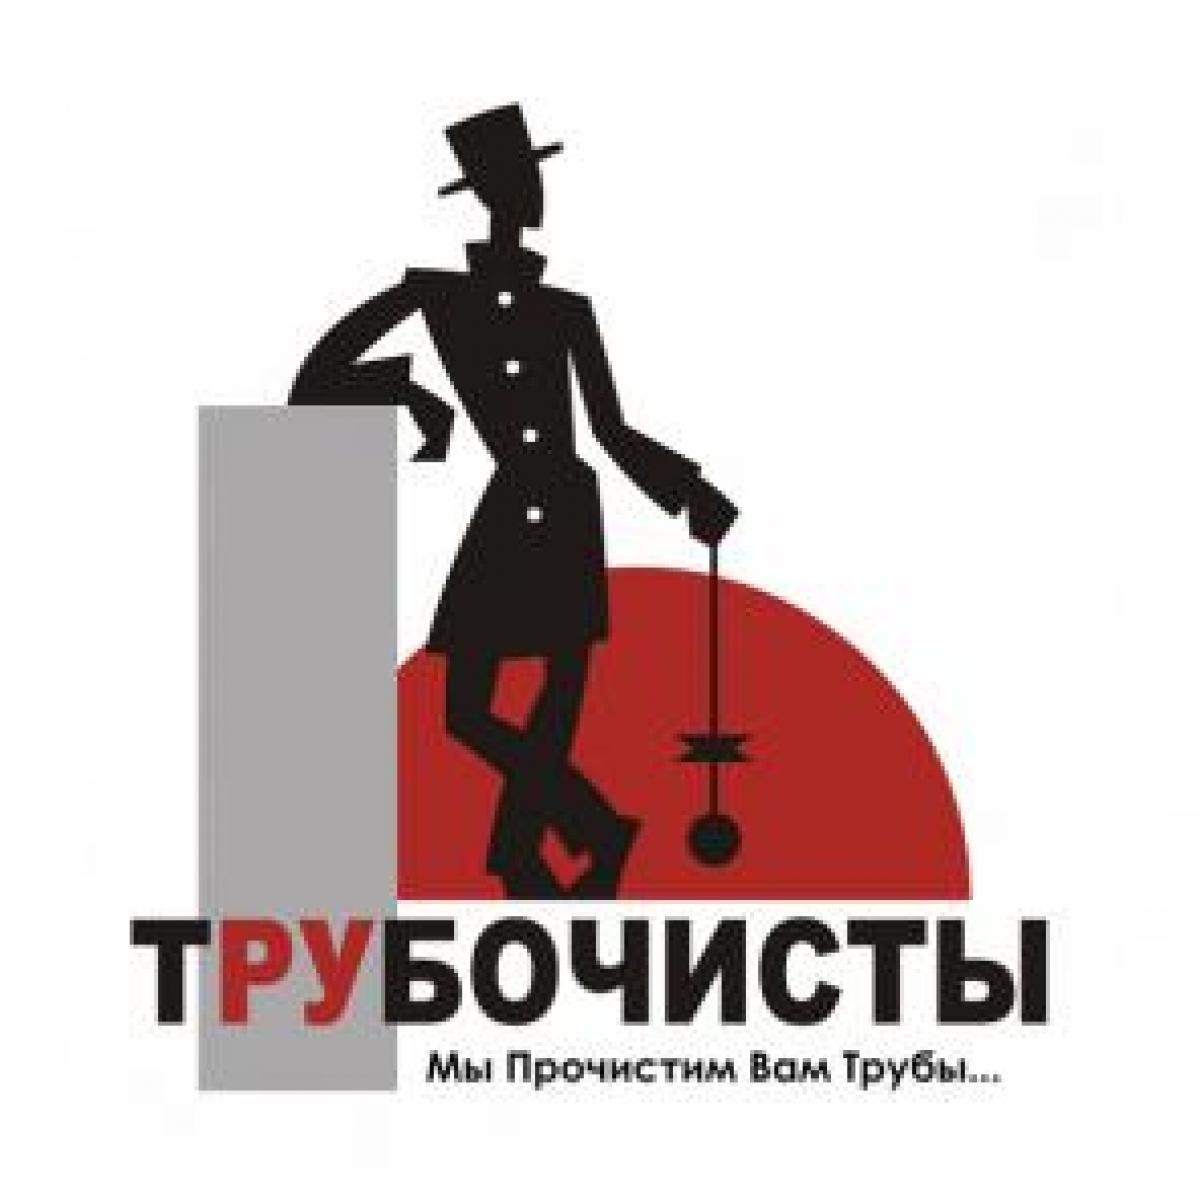 Фон ФОП Печник-трубочист Днепр